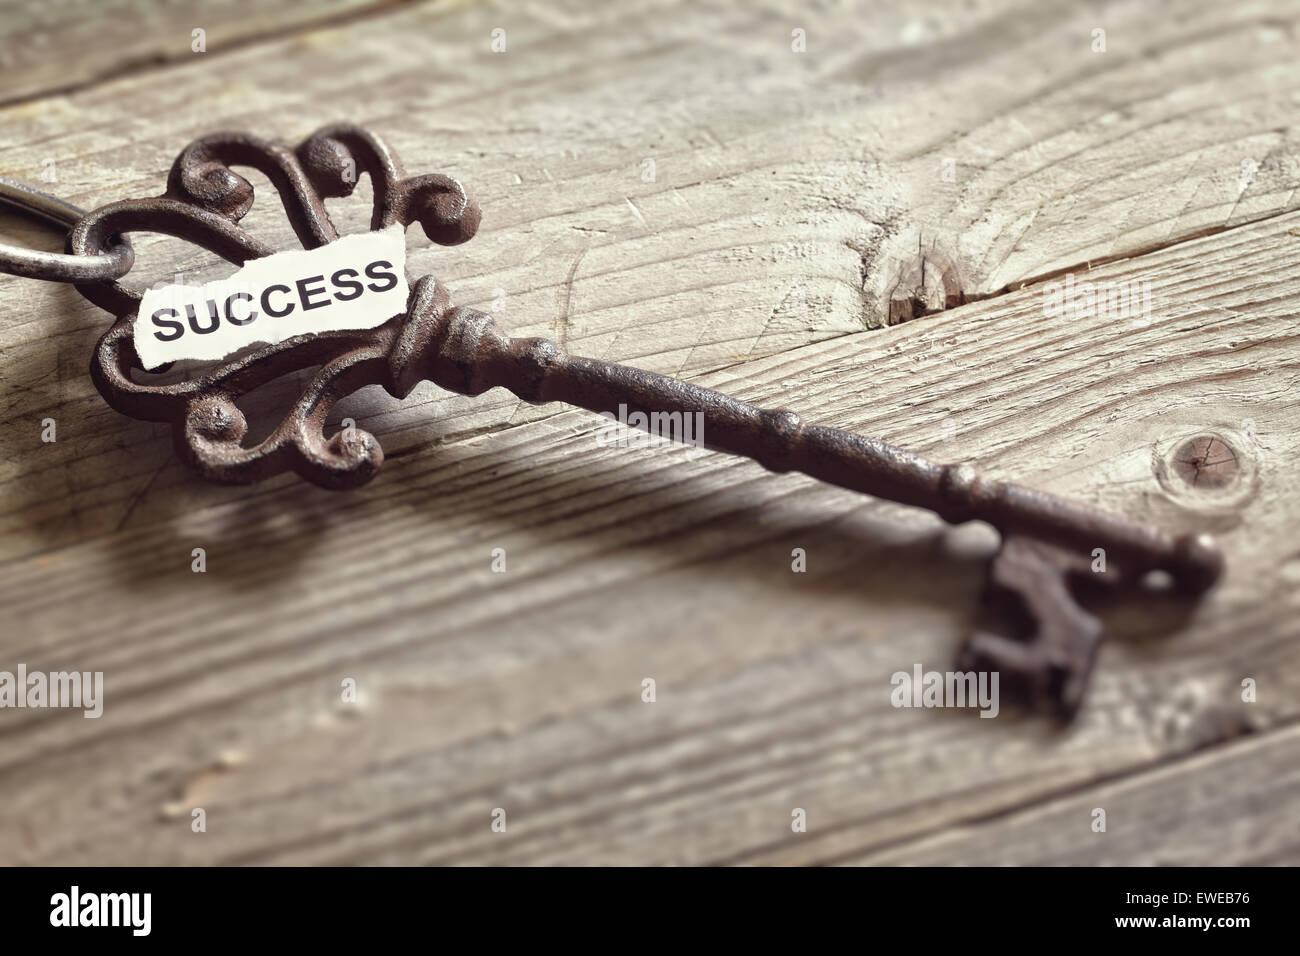 Palabra clave de antigüedades con éxito escrito en papel descansando sobre superficie de madera concepto Imagen De Stock